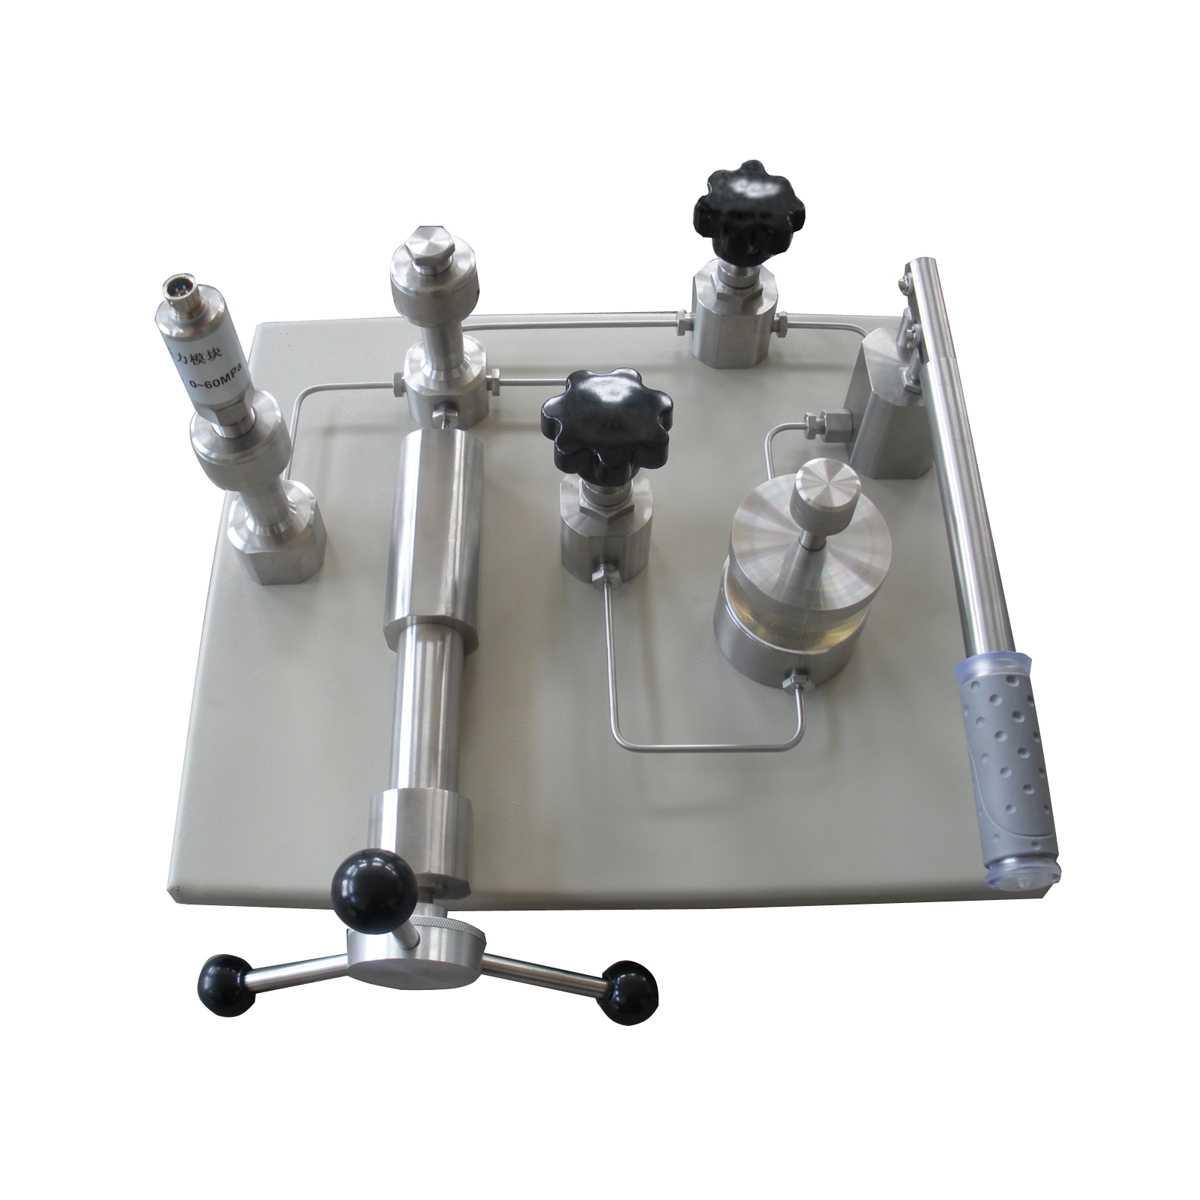 手动水压压力源 压力表校验器